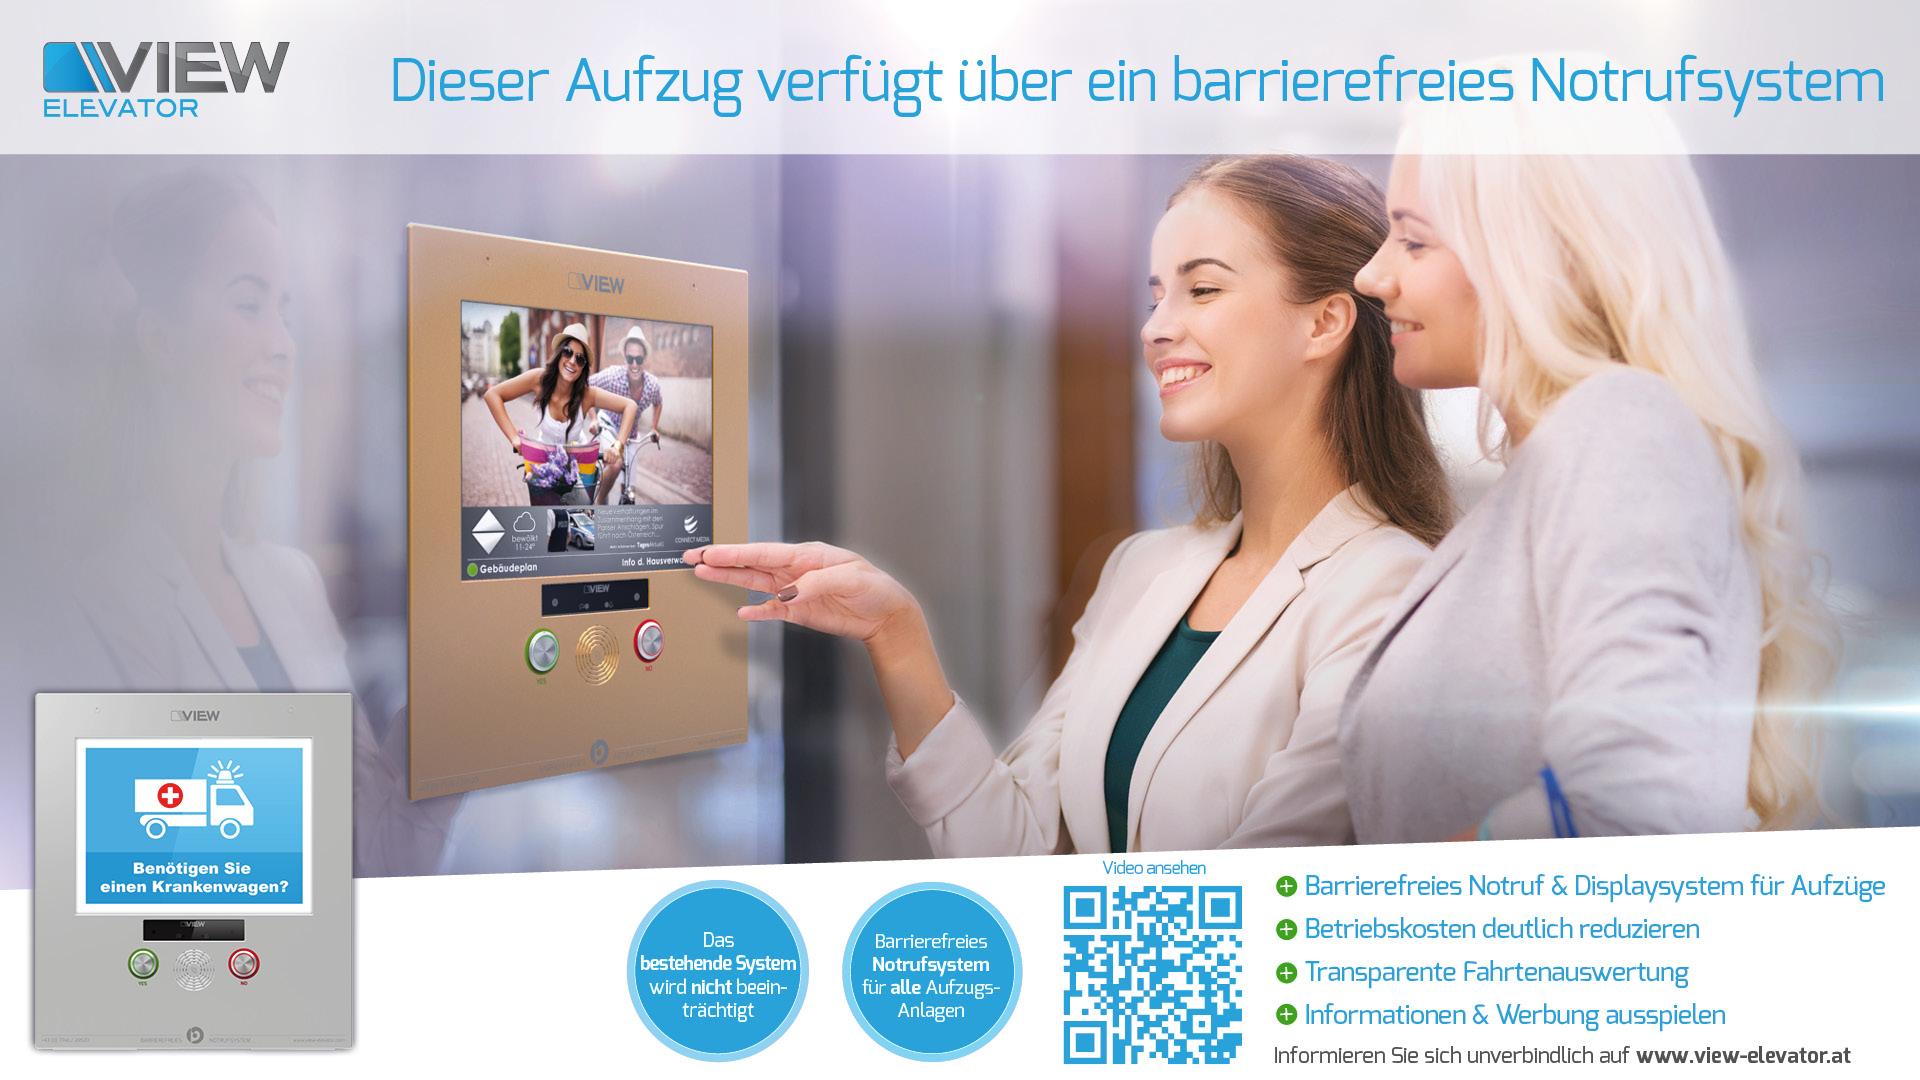 Barrierefreies+Notrufsystem_View_1920x1080_Allgemein.jpg